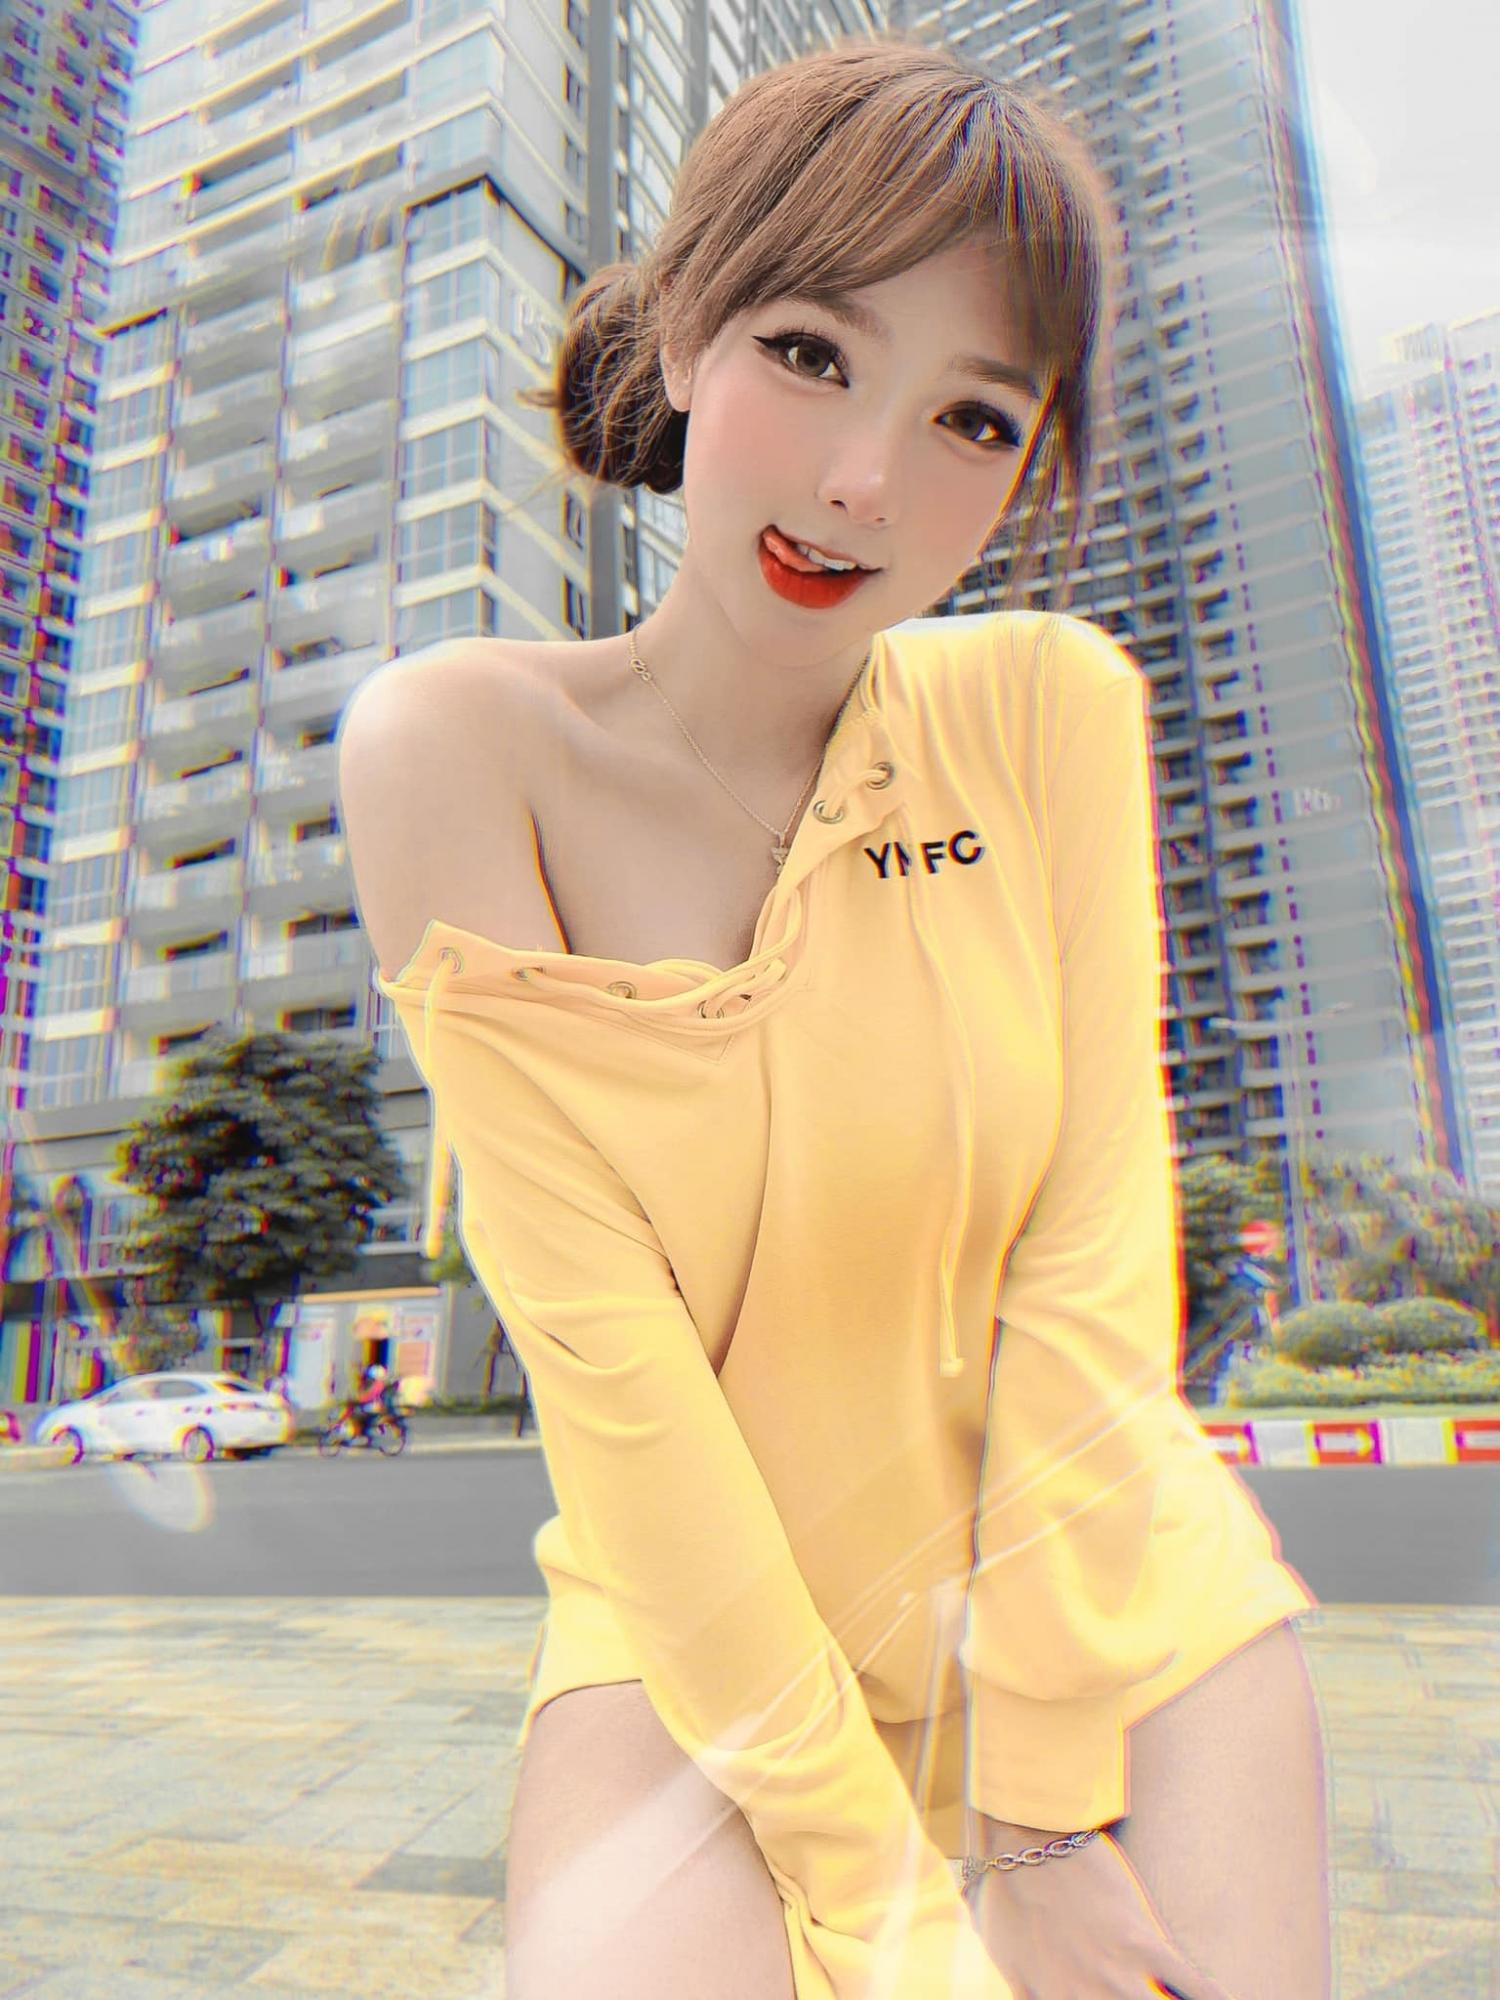 图片[10]-好像洋娃娃!越南正妹mỹm 还有「腰瘦、澎、卡撑顶扣扣」的超极品Body-福利巴士